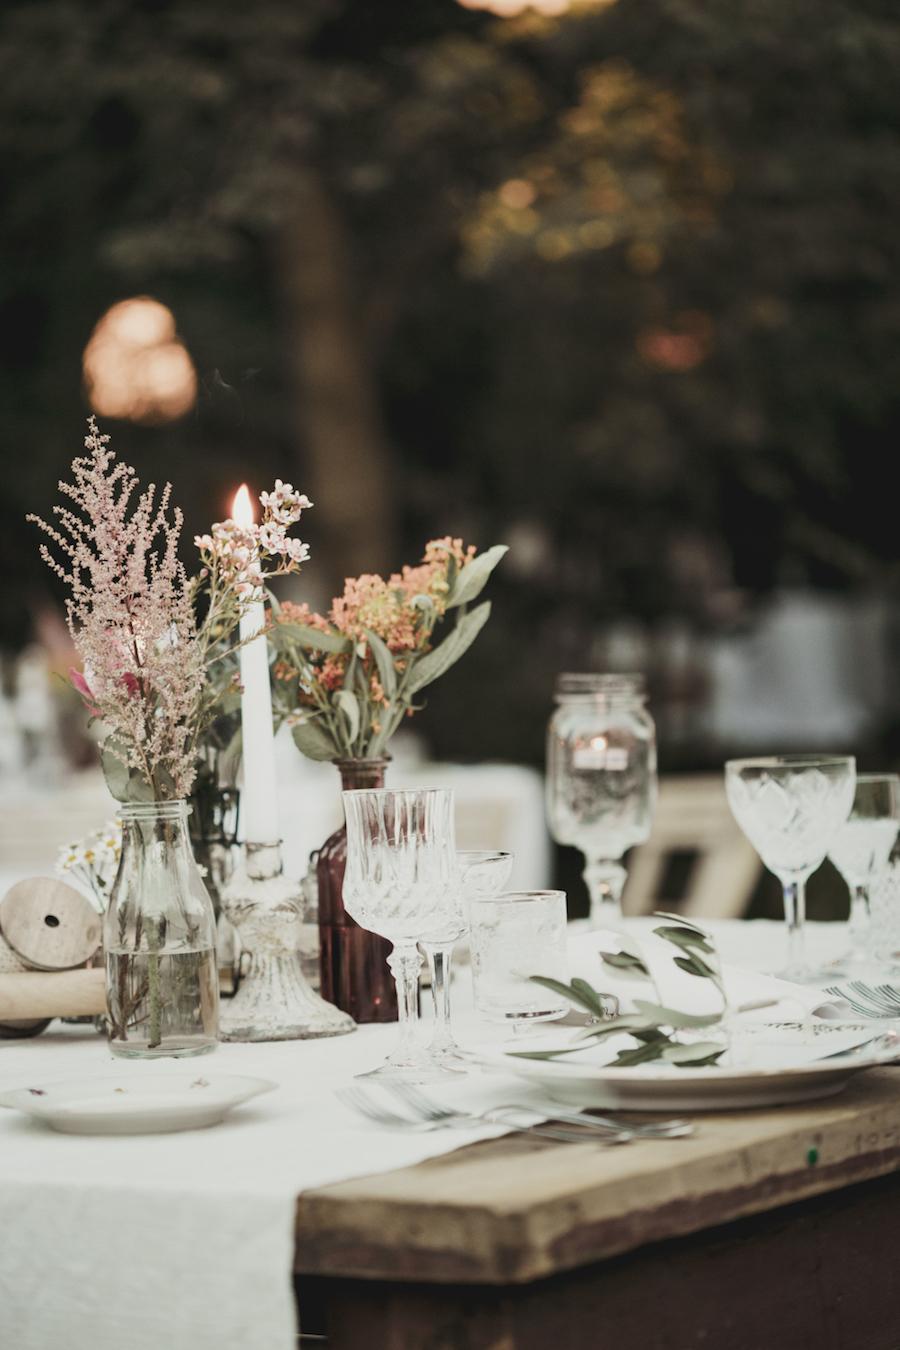 centrotavola con bottiglie e fiori